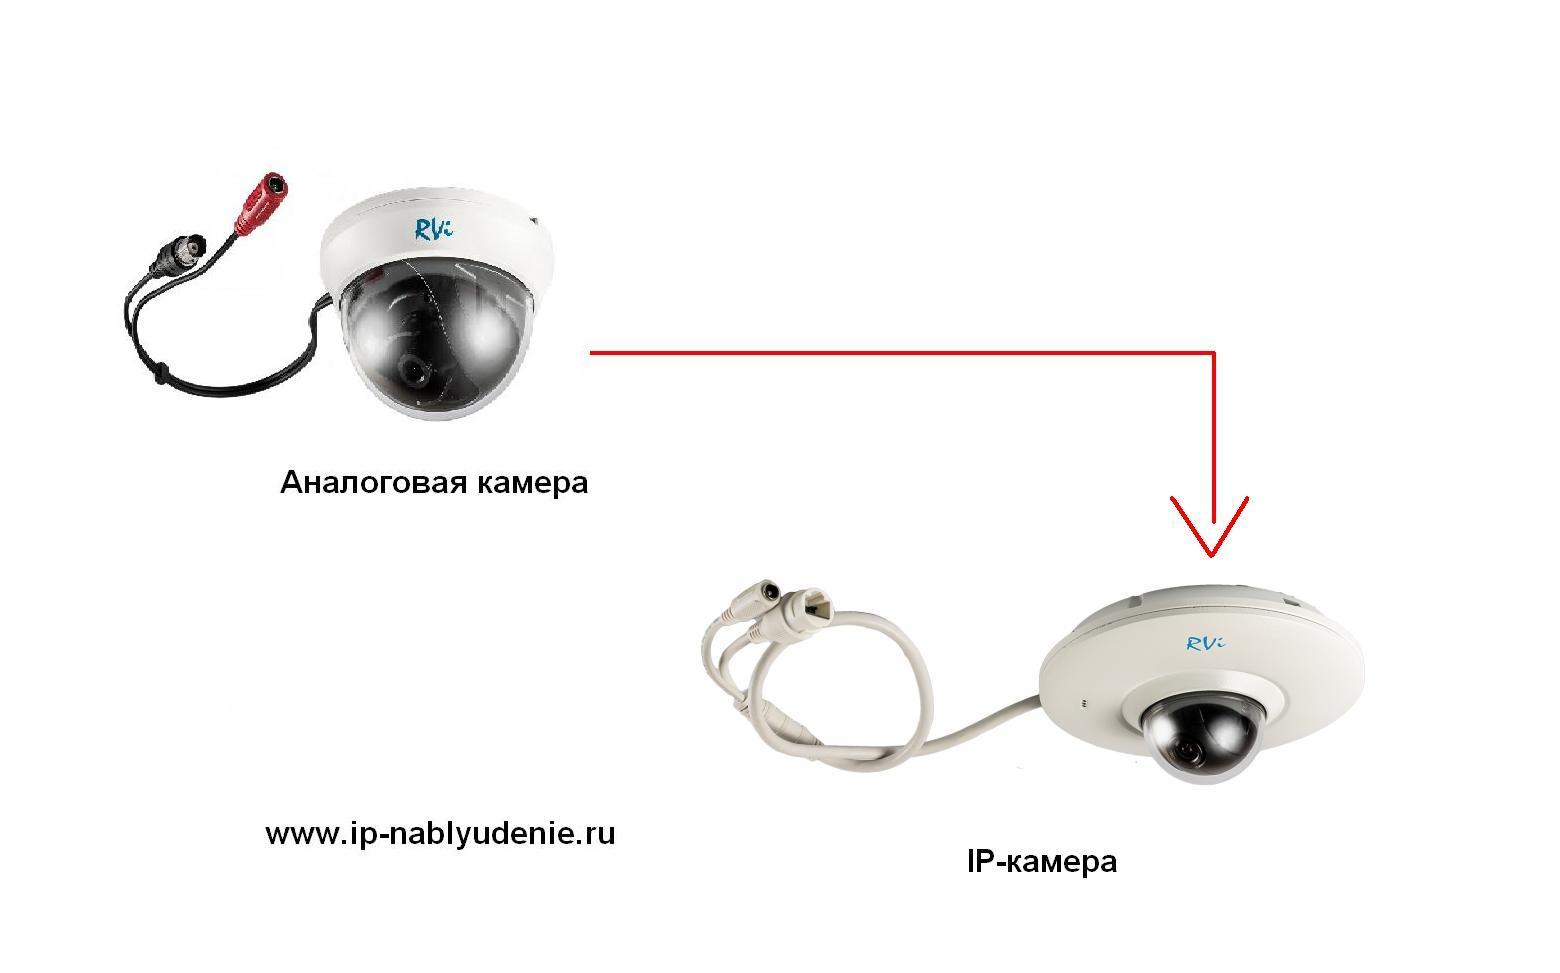 Как из аналоговой камеры сделать ip-камеру